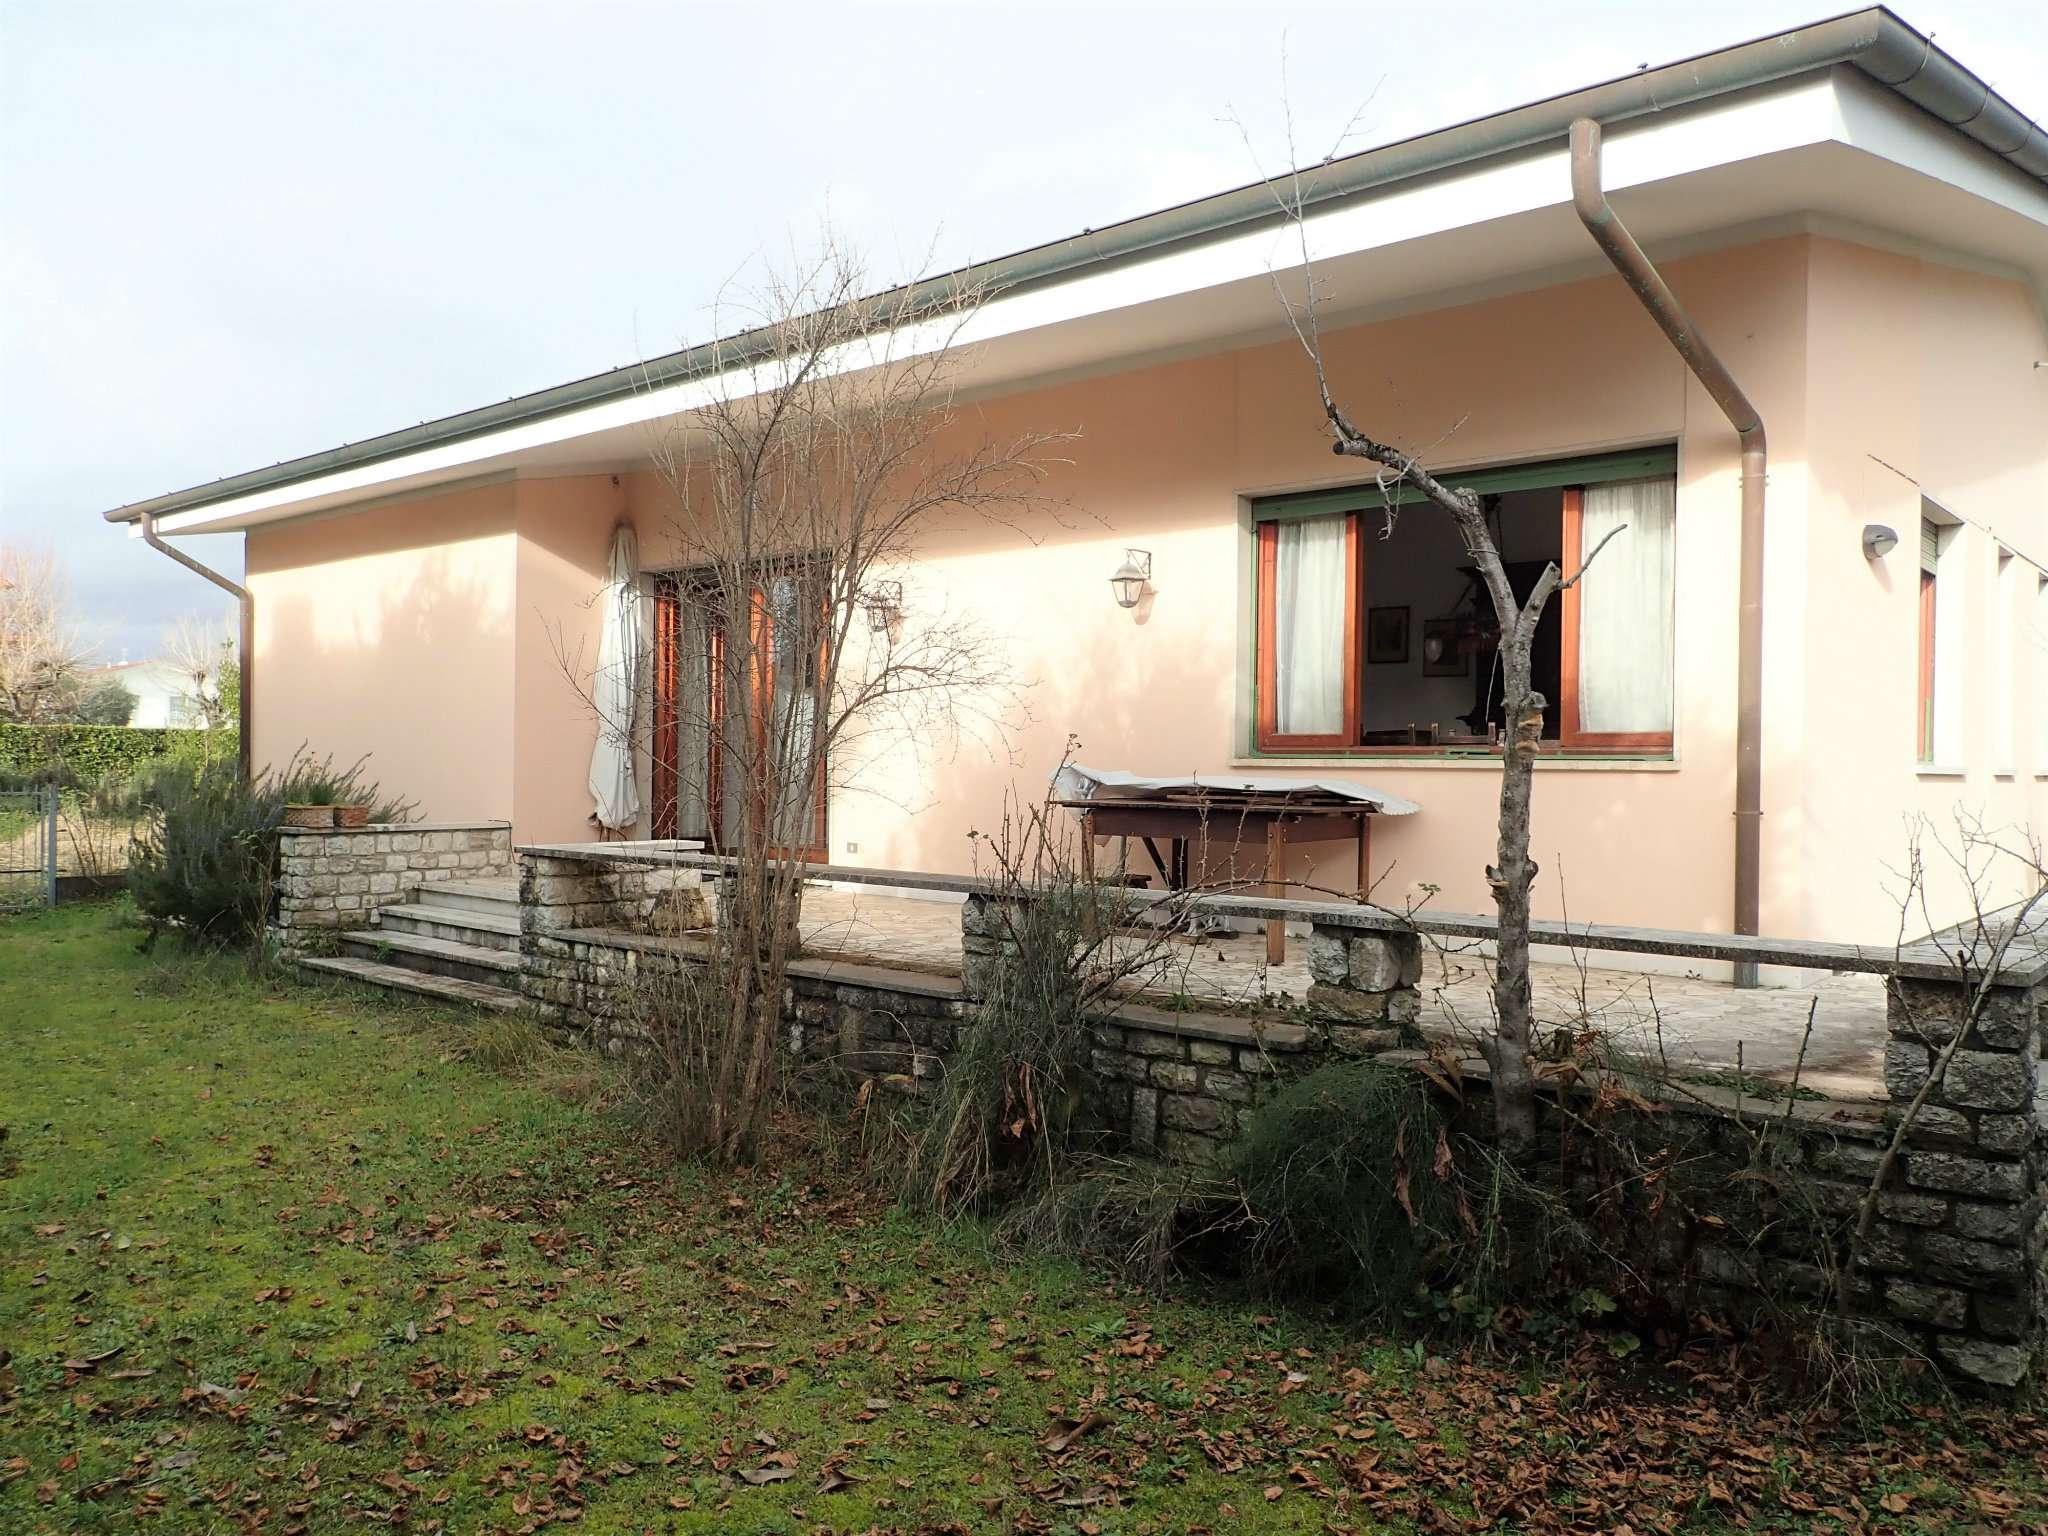 Villa in Vendita a Forte Dei Marmi: 5 locali, 200 mq - Foto 5